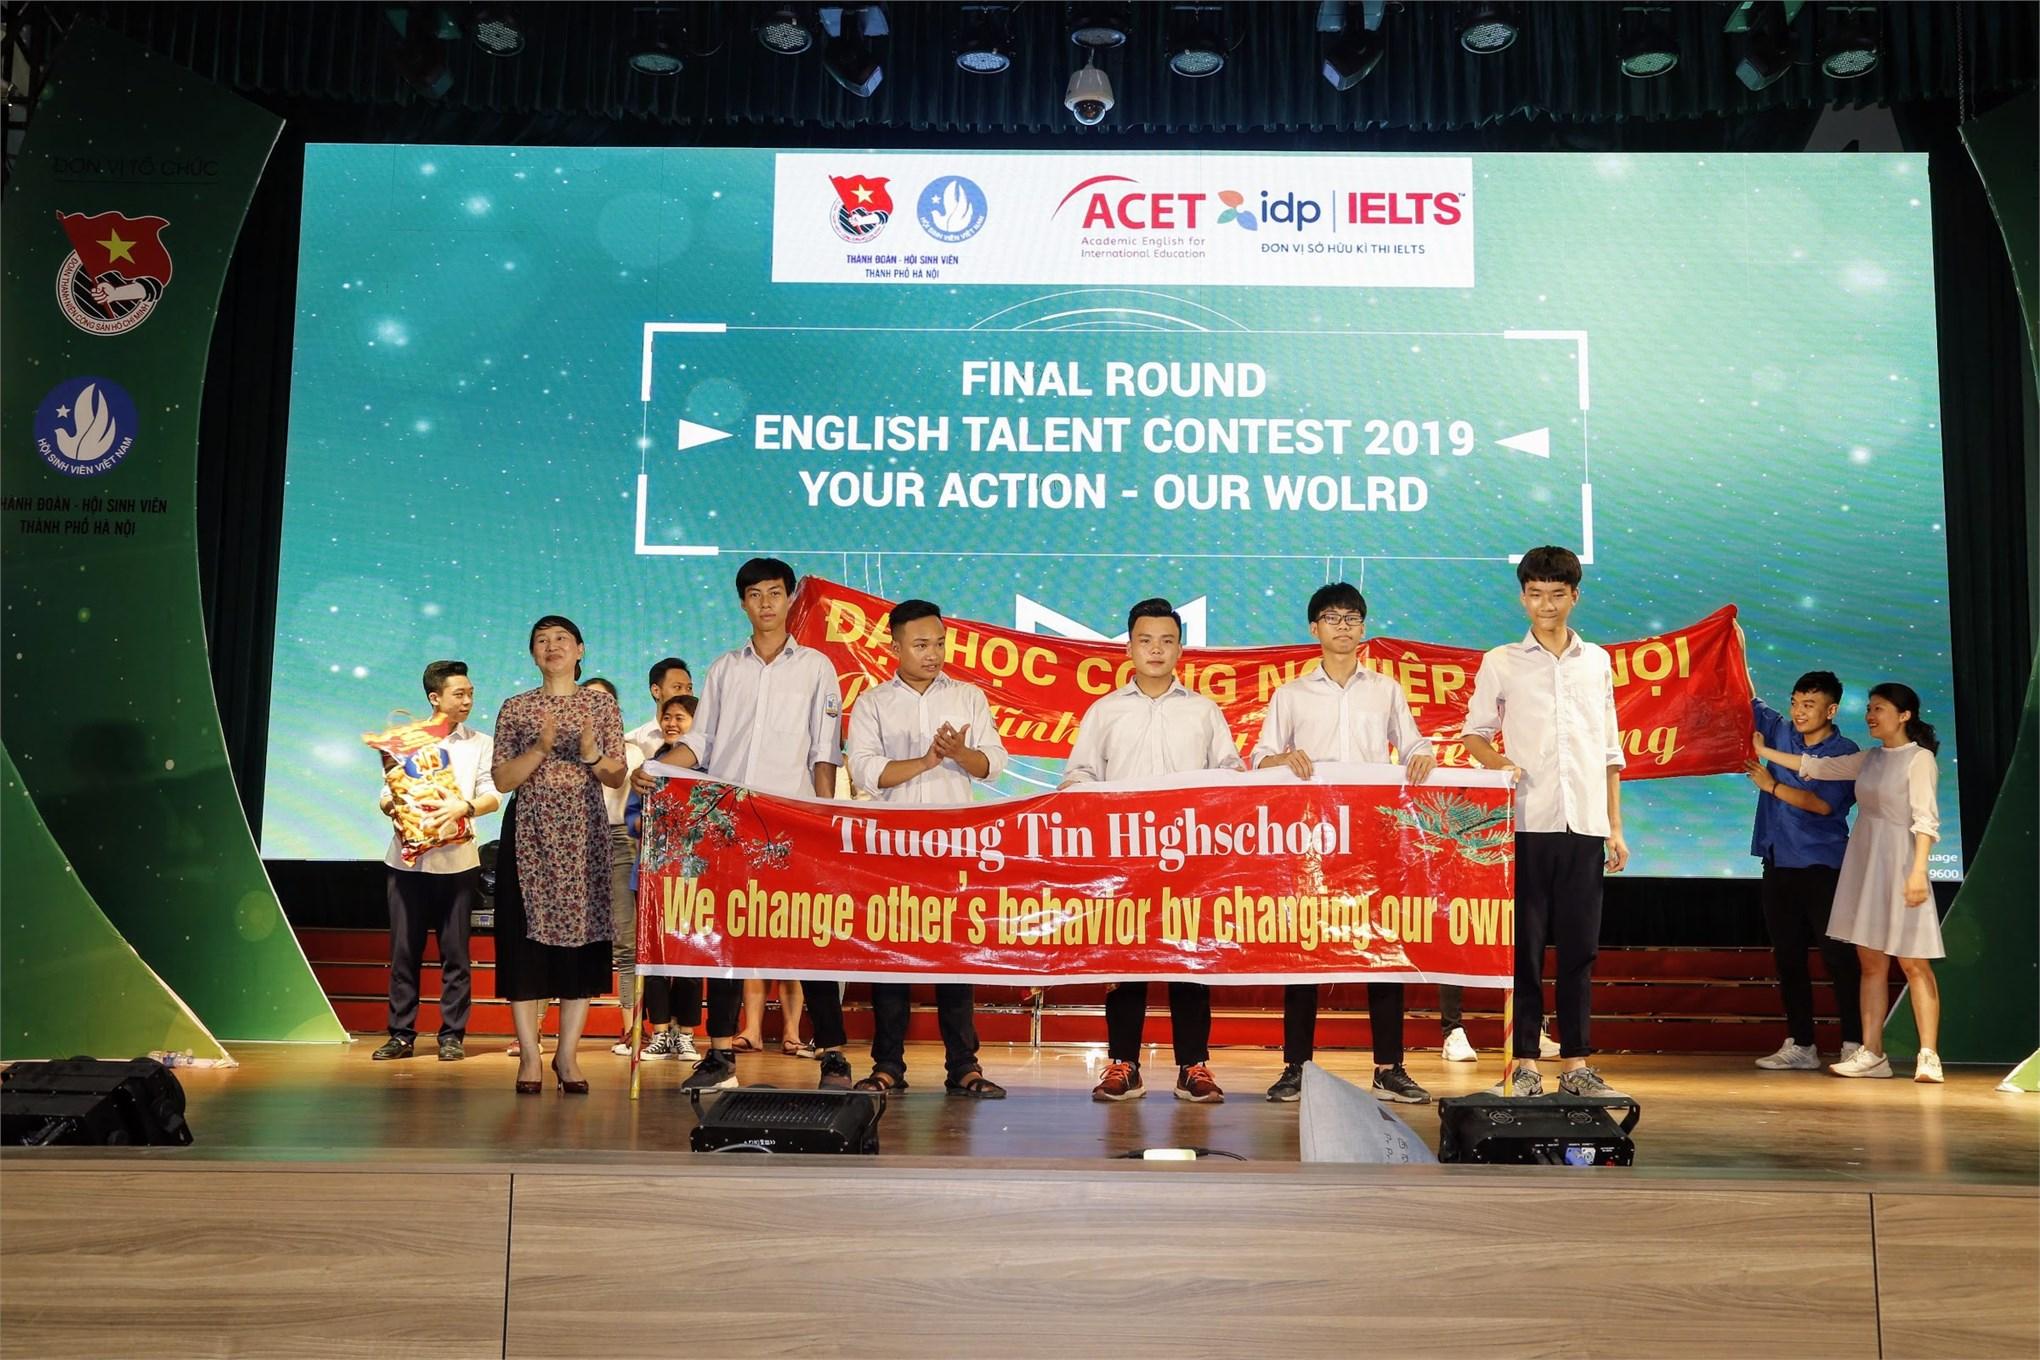 Đại học Công nghiệp Hà Nội và THPT Thường Tín dành giải đội cổ vũ sôi động nhất